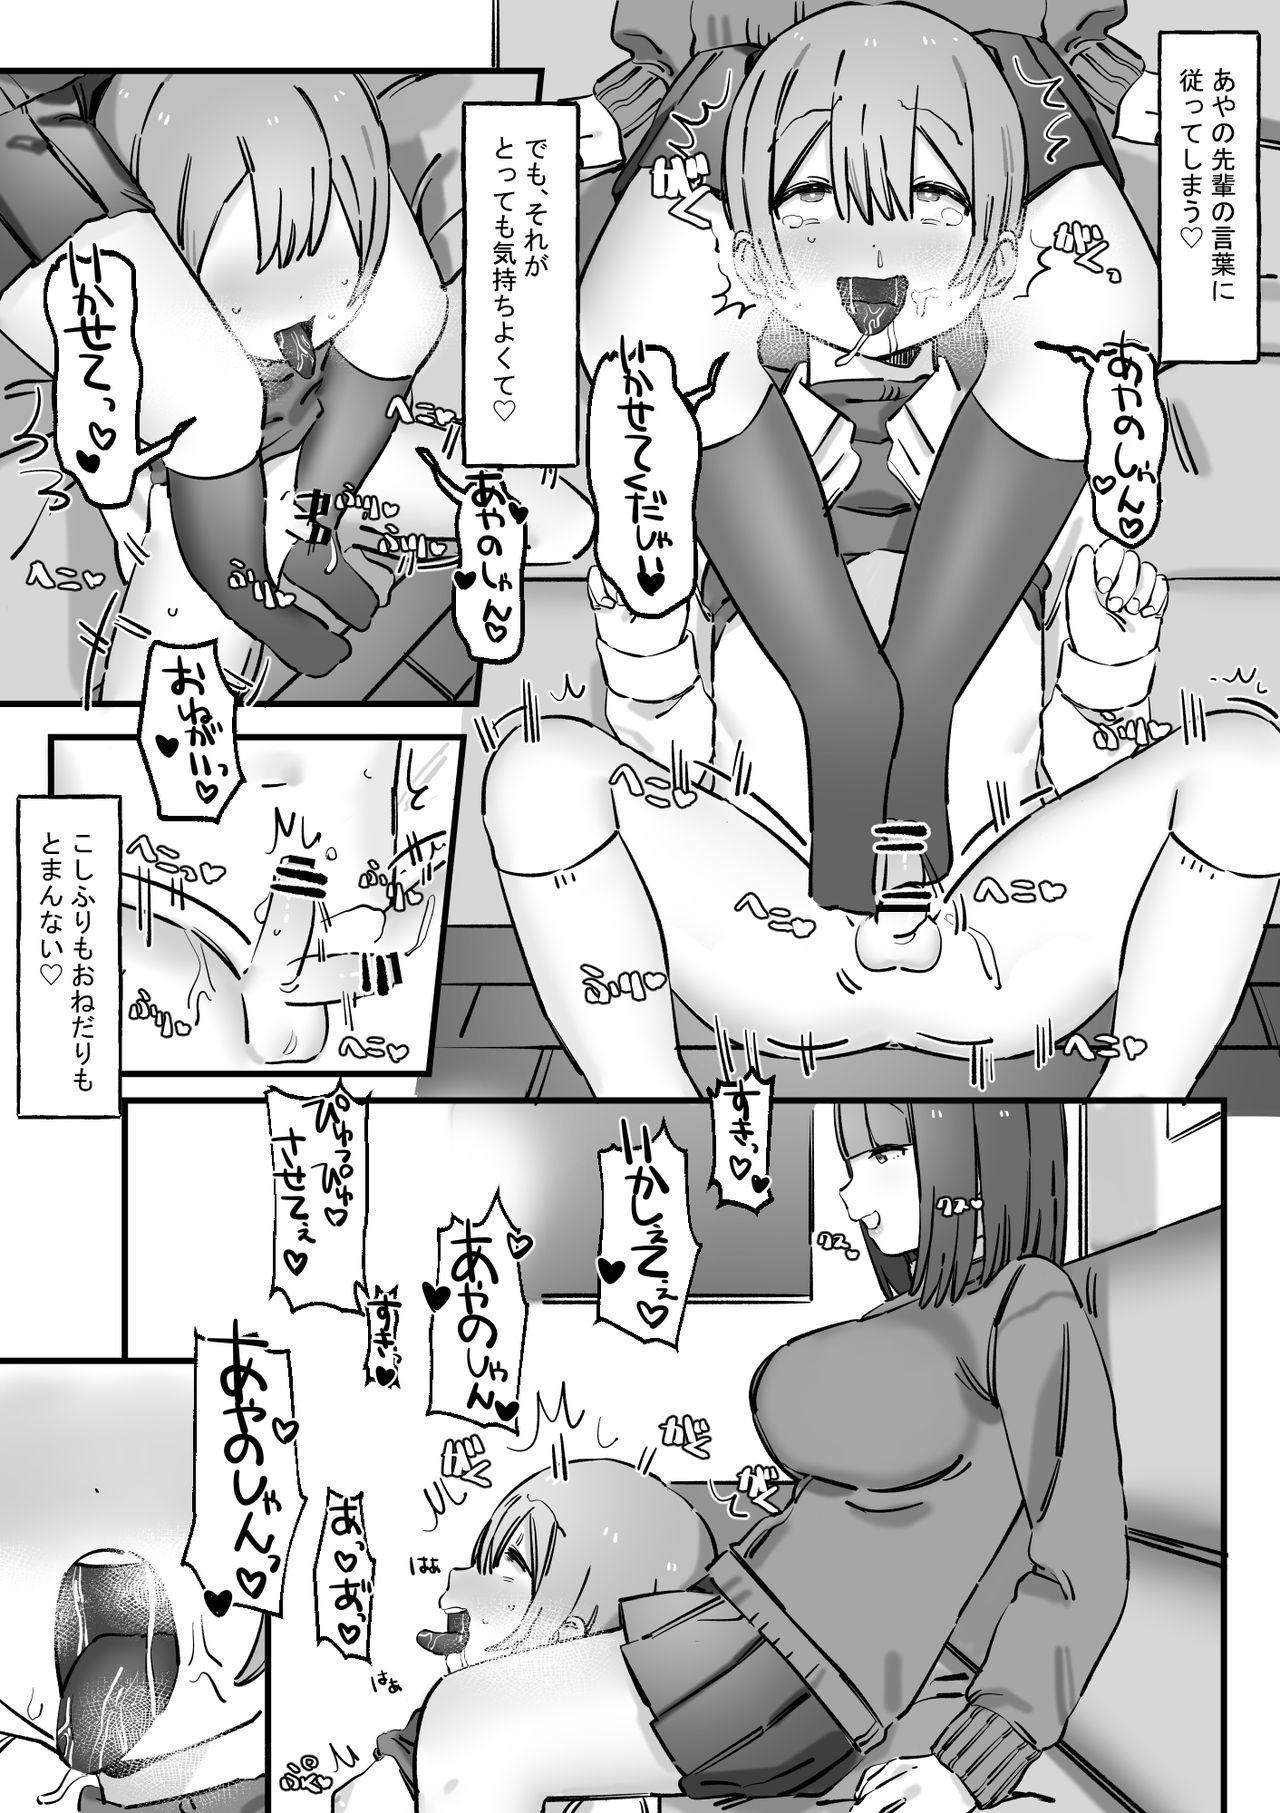 Akogare no Senpai wa Otoko o Moteasobu Waru~i Onnanoko 17